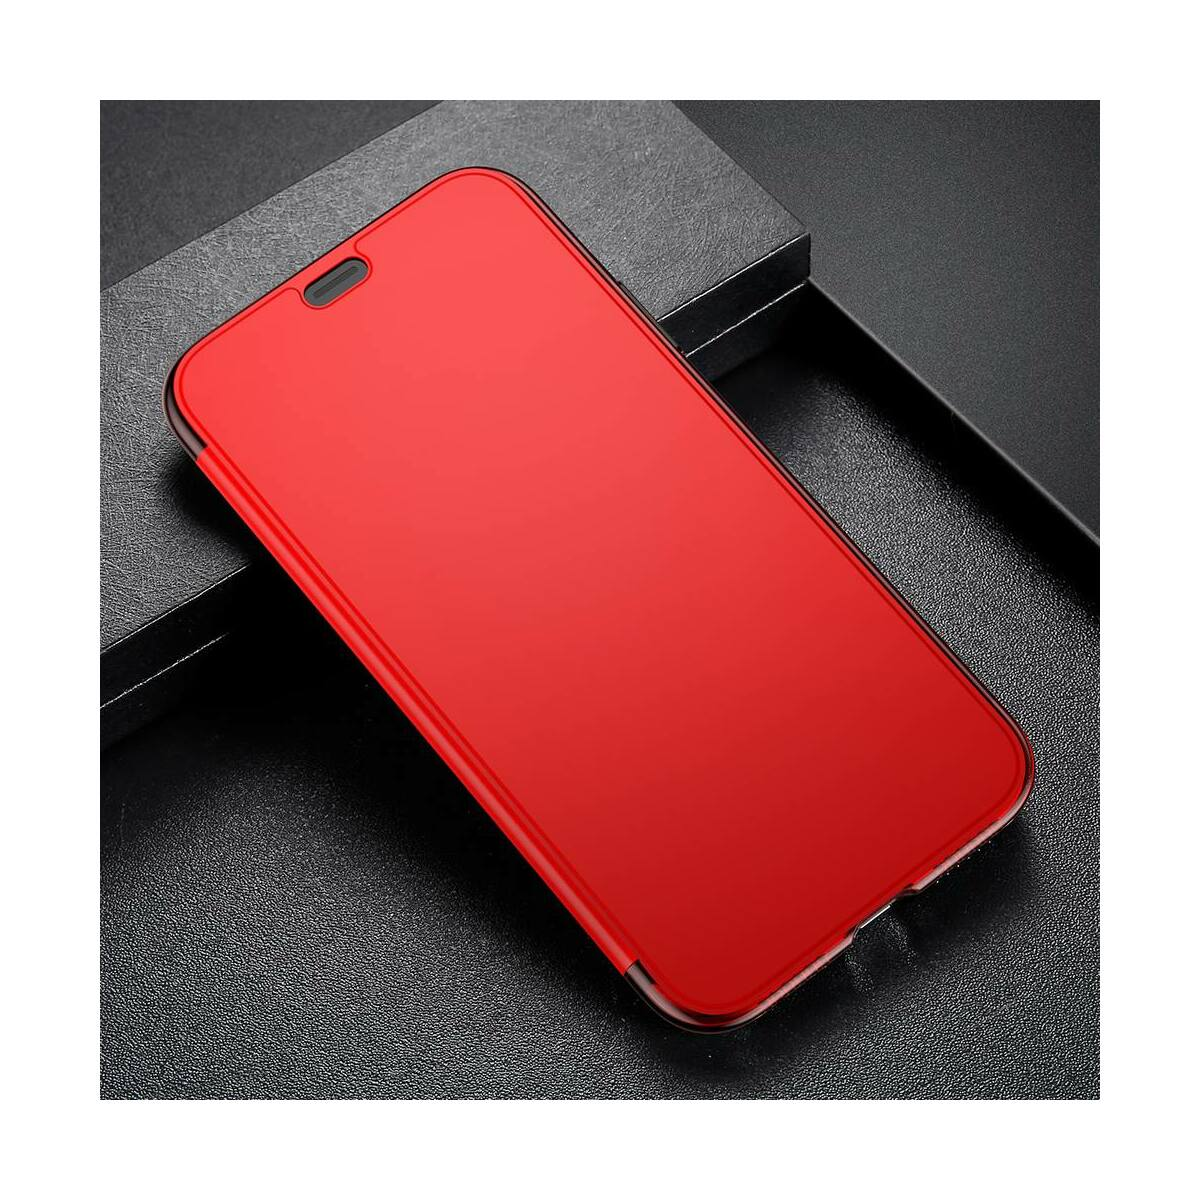 Baseus iPhone XS Max tok, Touchable kihajtható, érintőfelületű flip tok, piros (WIAPIPH65-TS09)